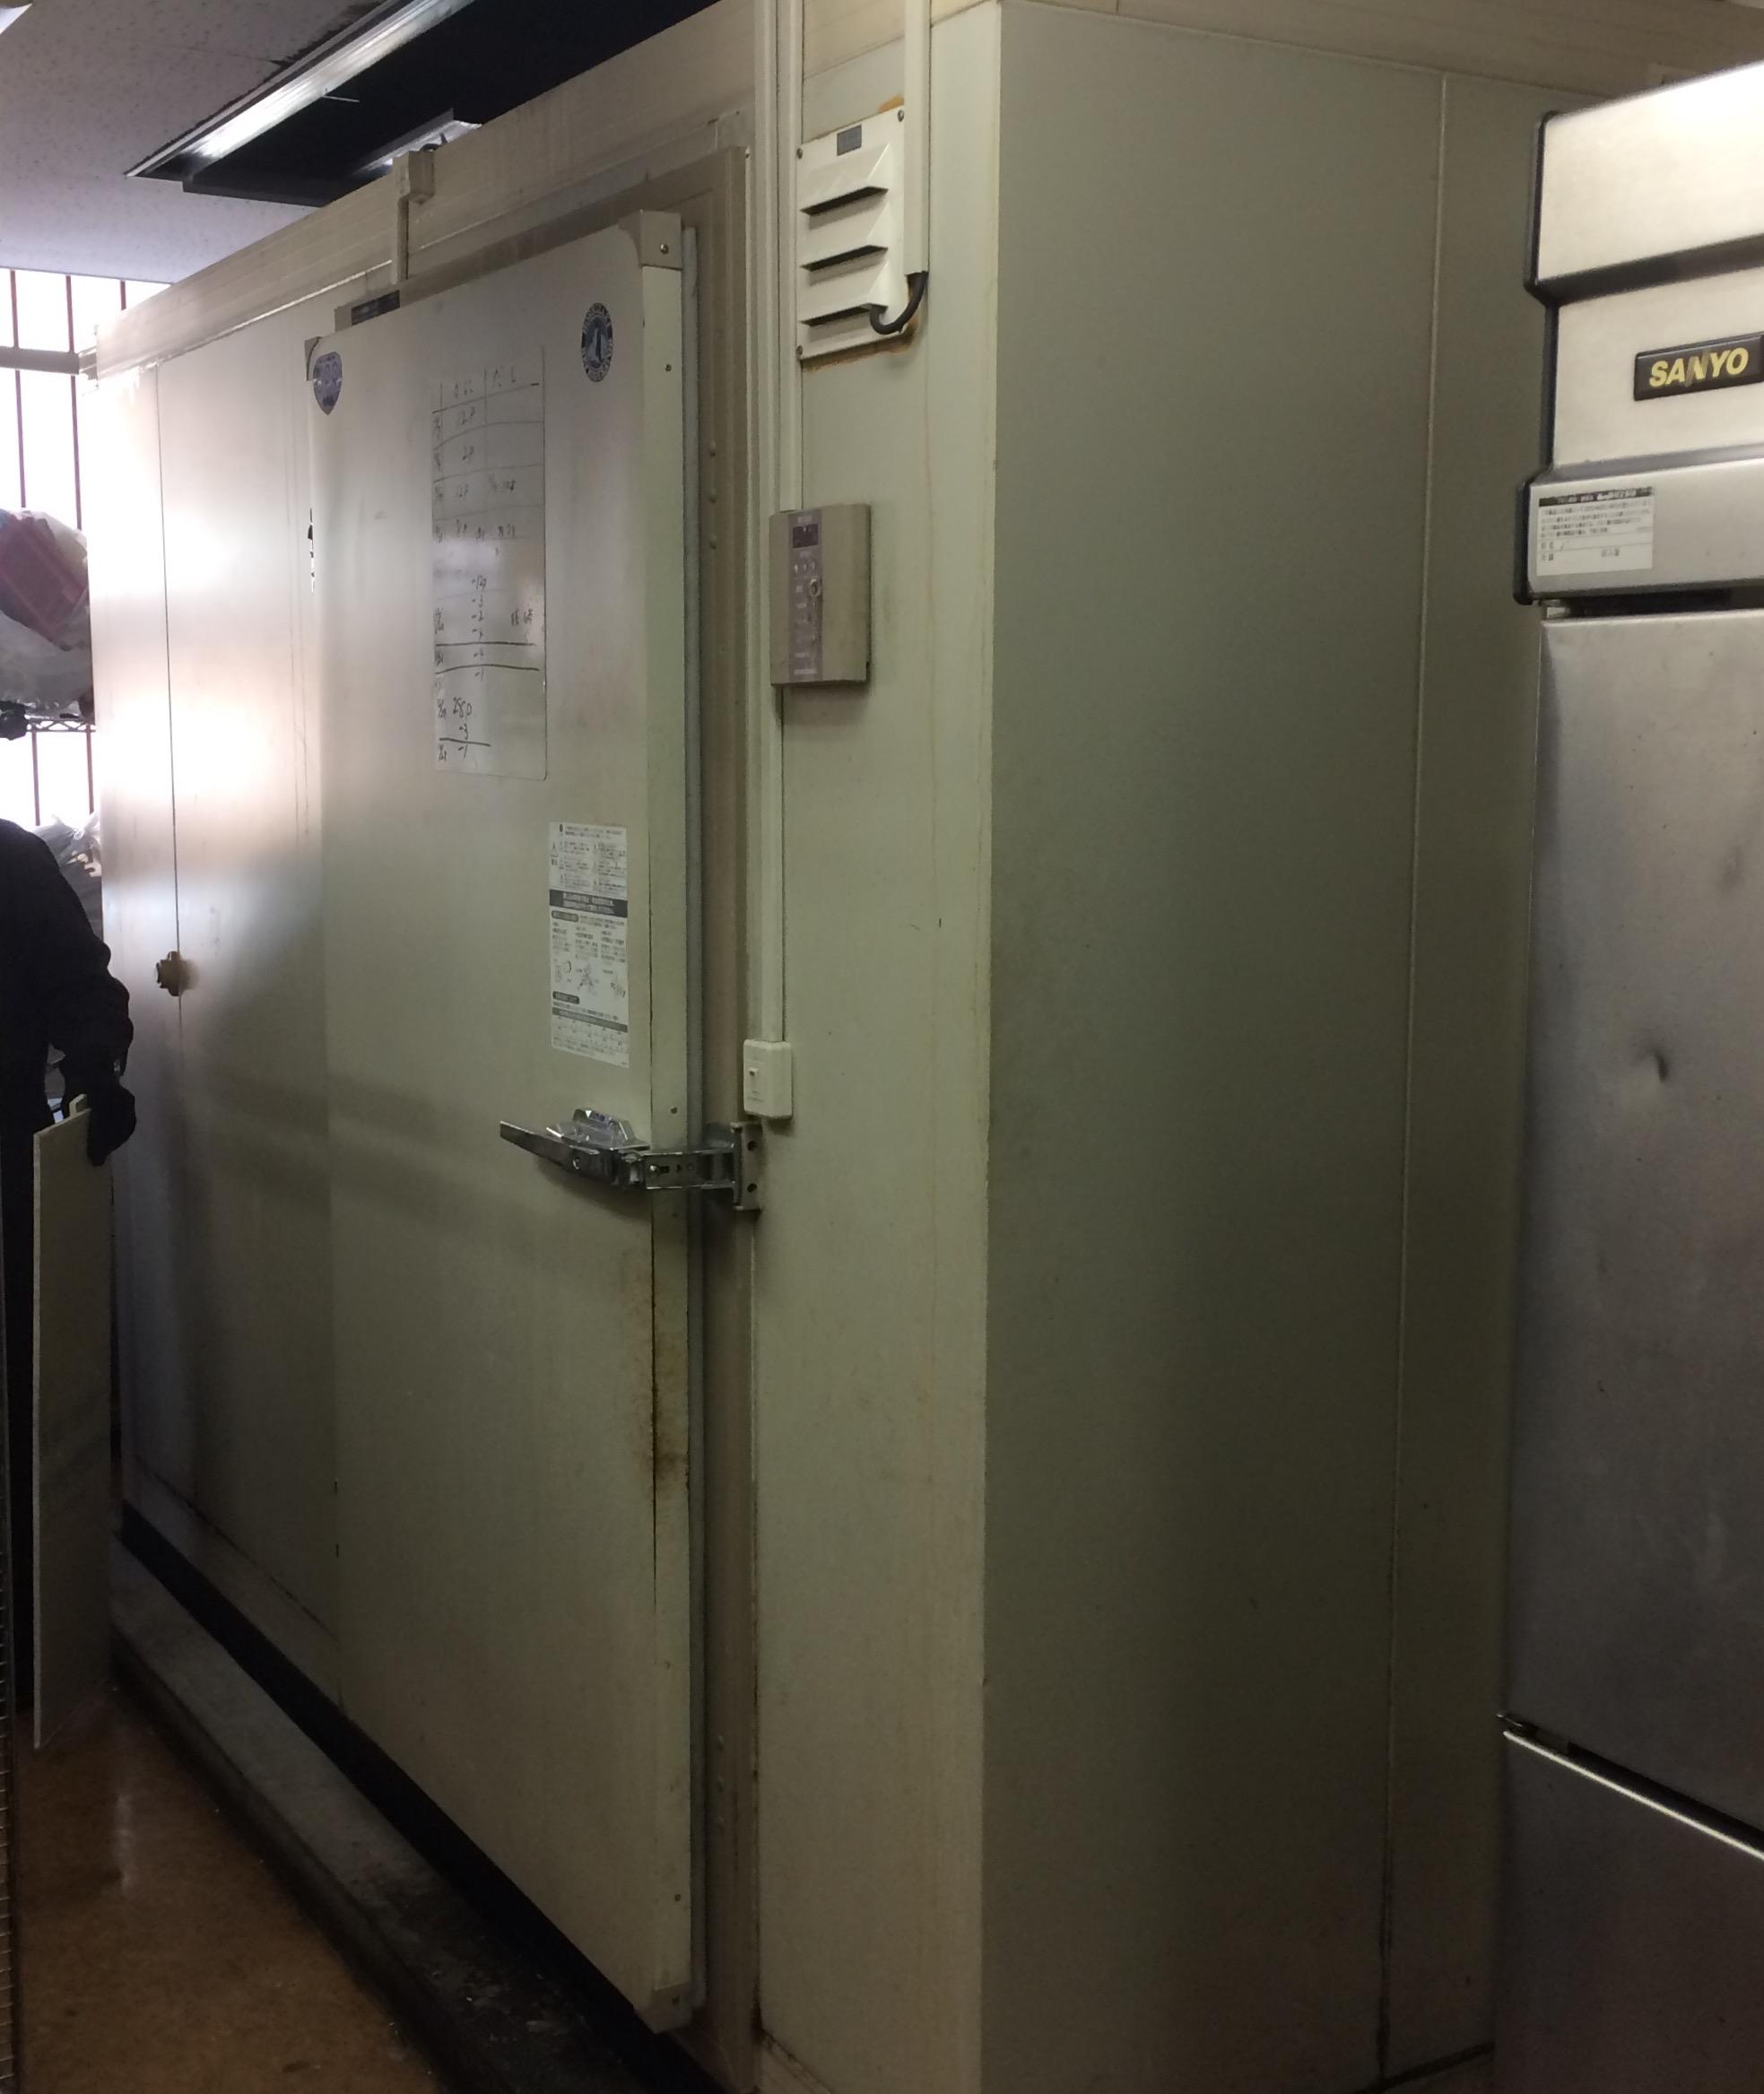 プレハブ冷凍庫 買い取りました!福岡・熊本で厨房機器の事は厨房ジャックへ